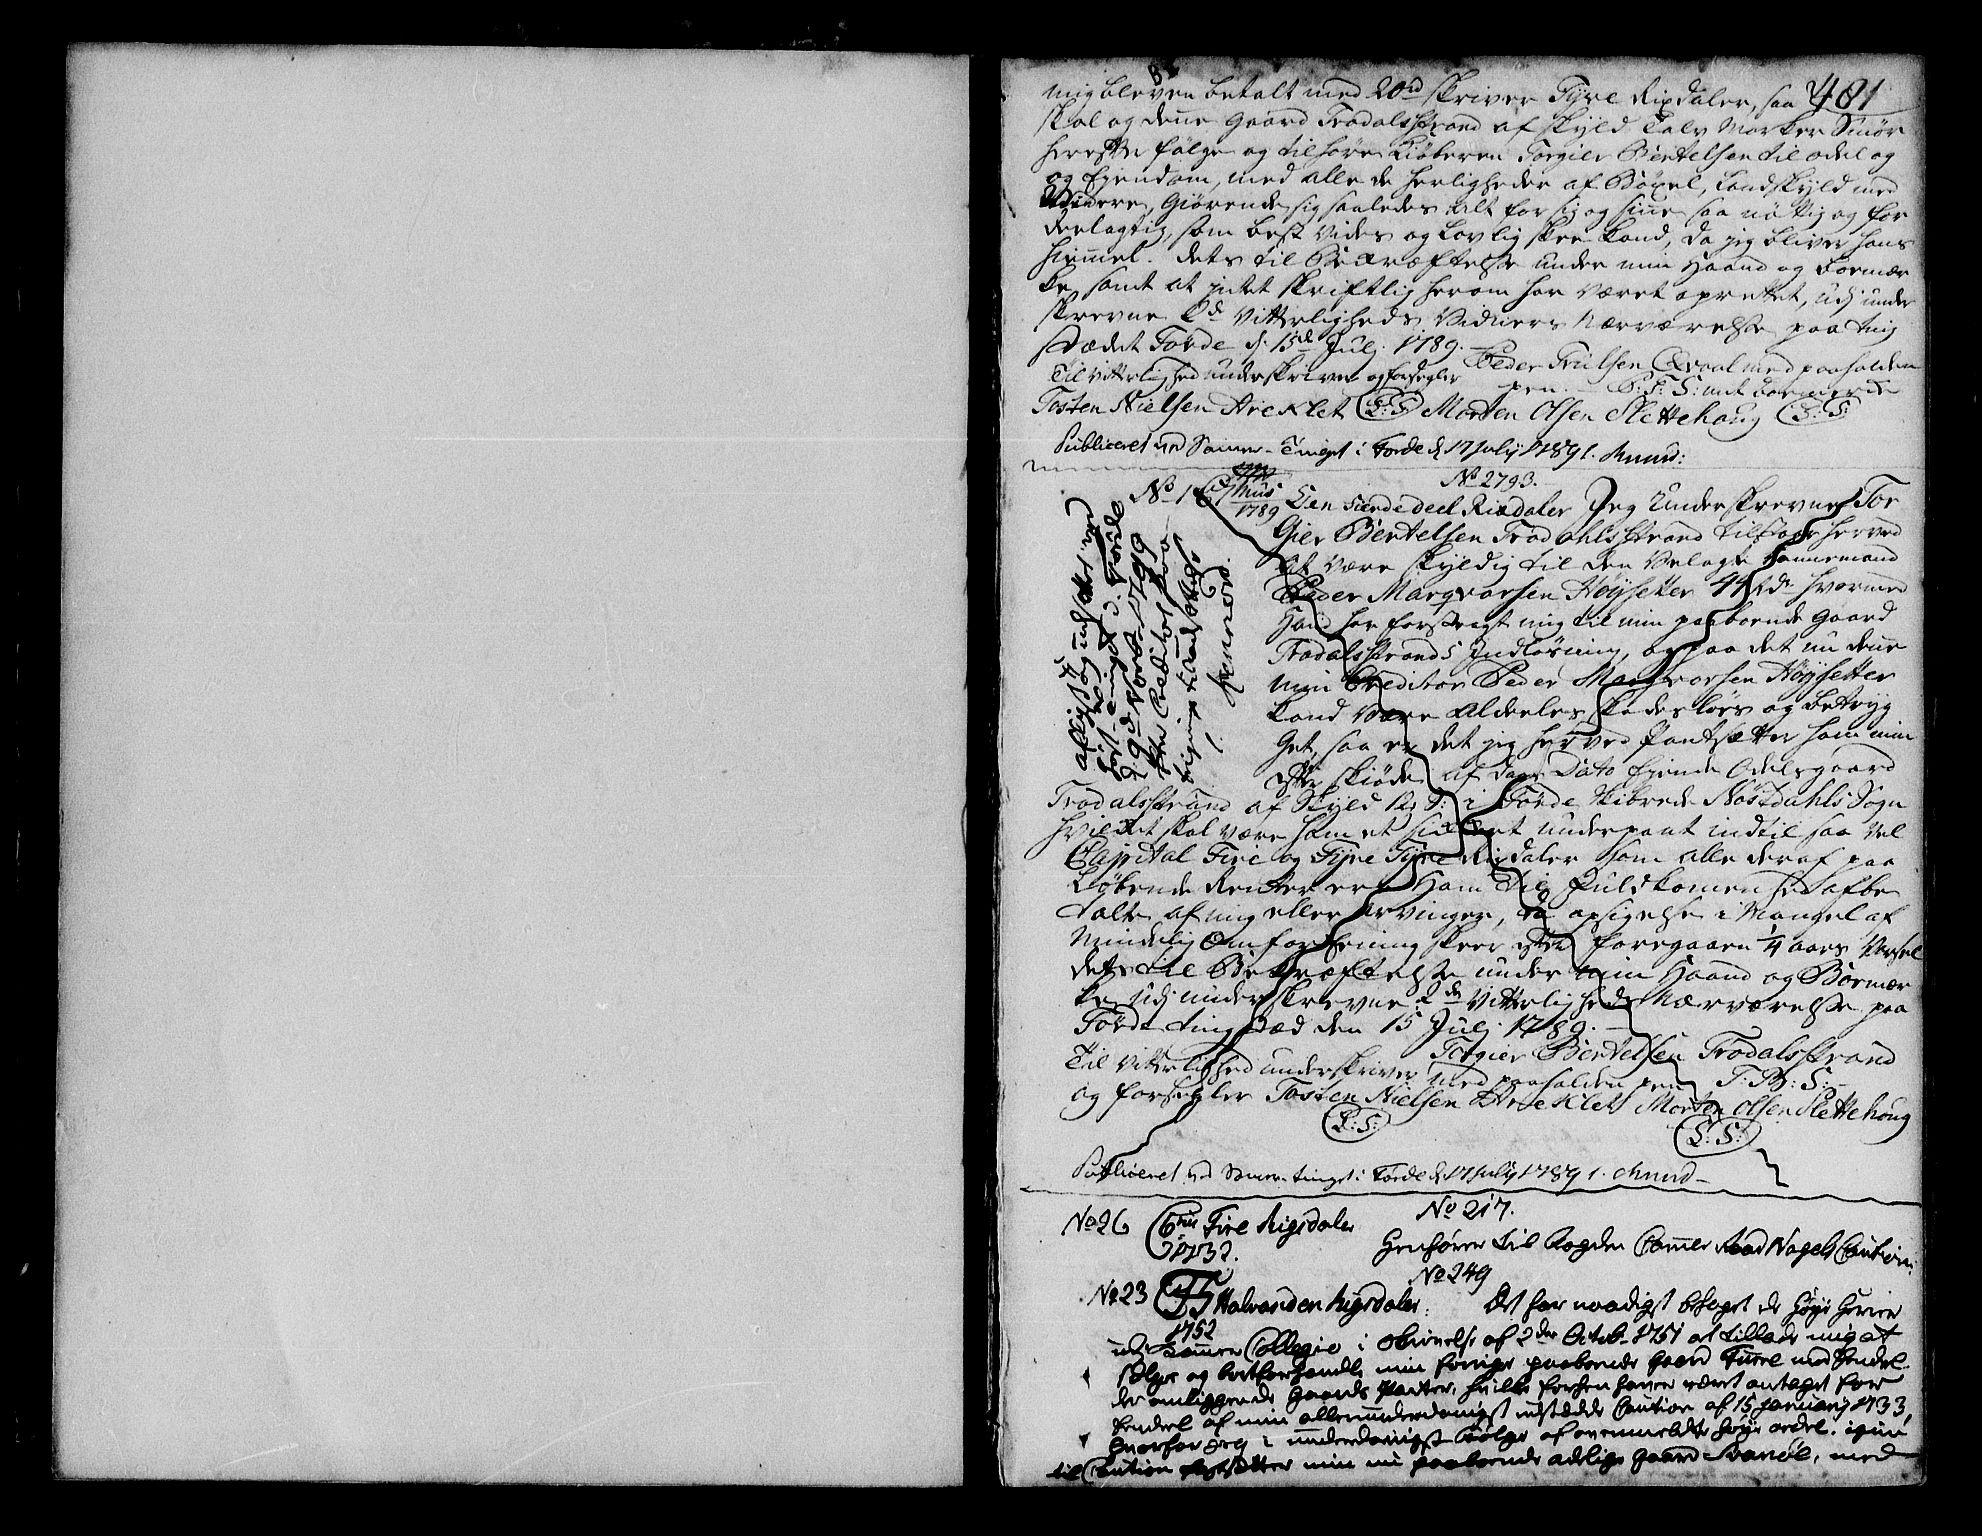 SAB, Sunnfjord tingrett, G/Gb/Gba/L0007b: Pantebok nr. II.B.7b, 1789-1806, s. 480-481